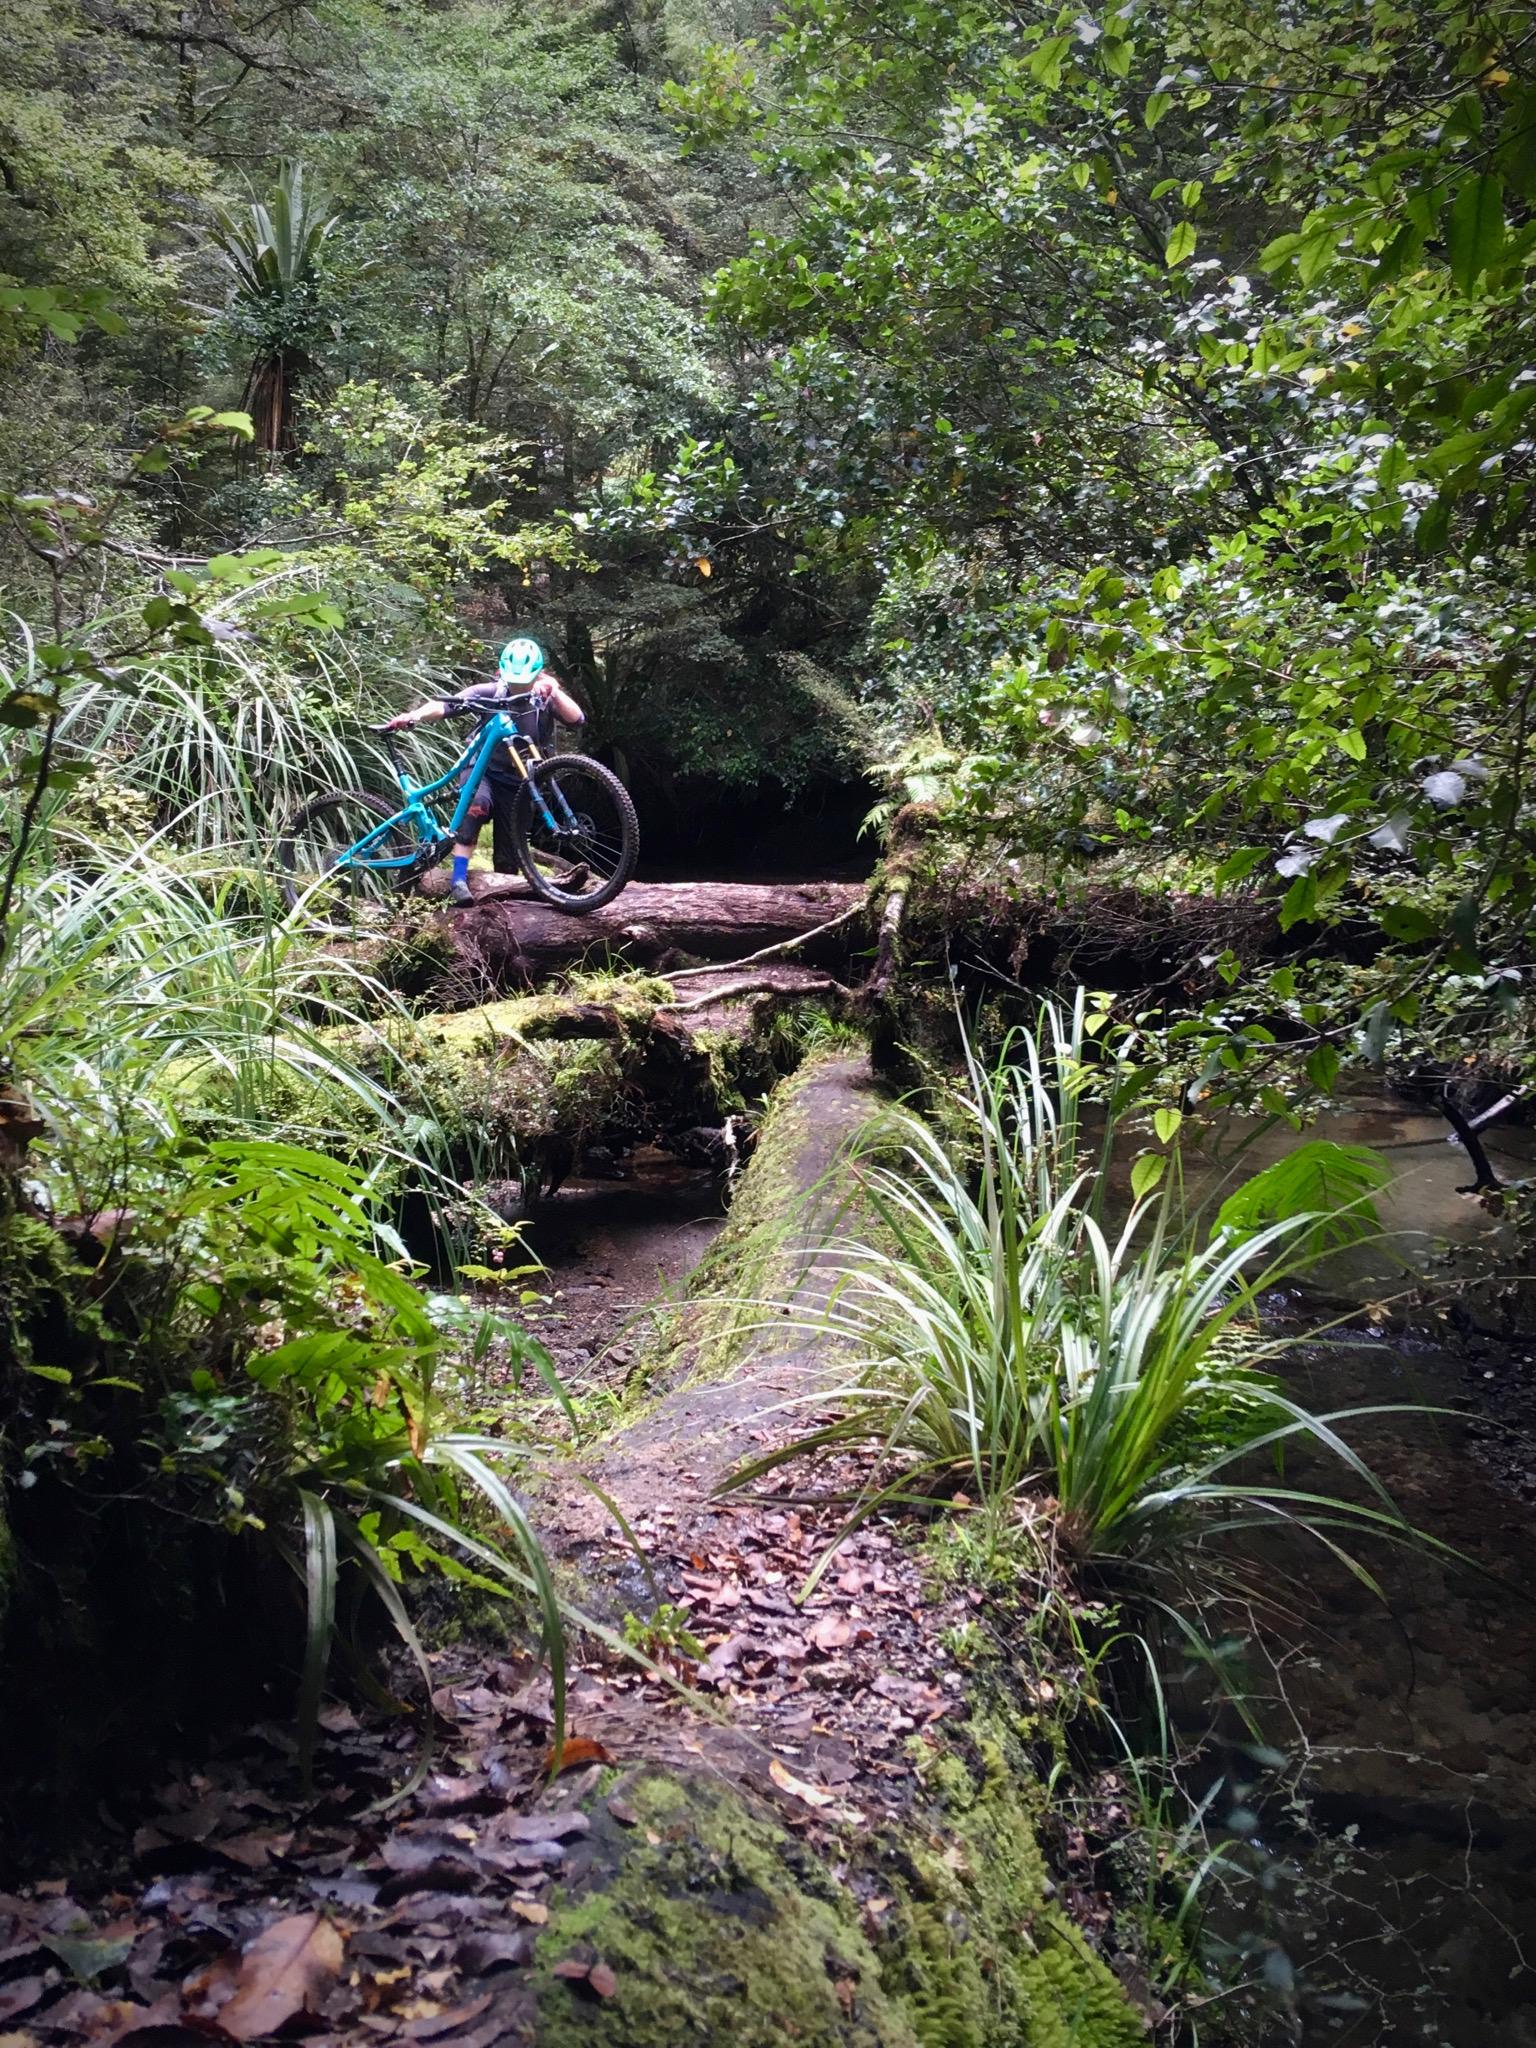 Te-Iringa-Bike-packing-trail-features.jpg